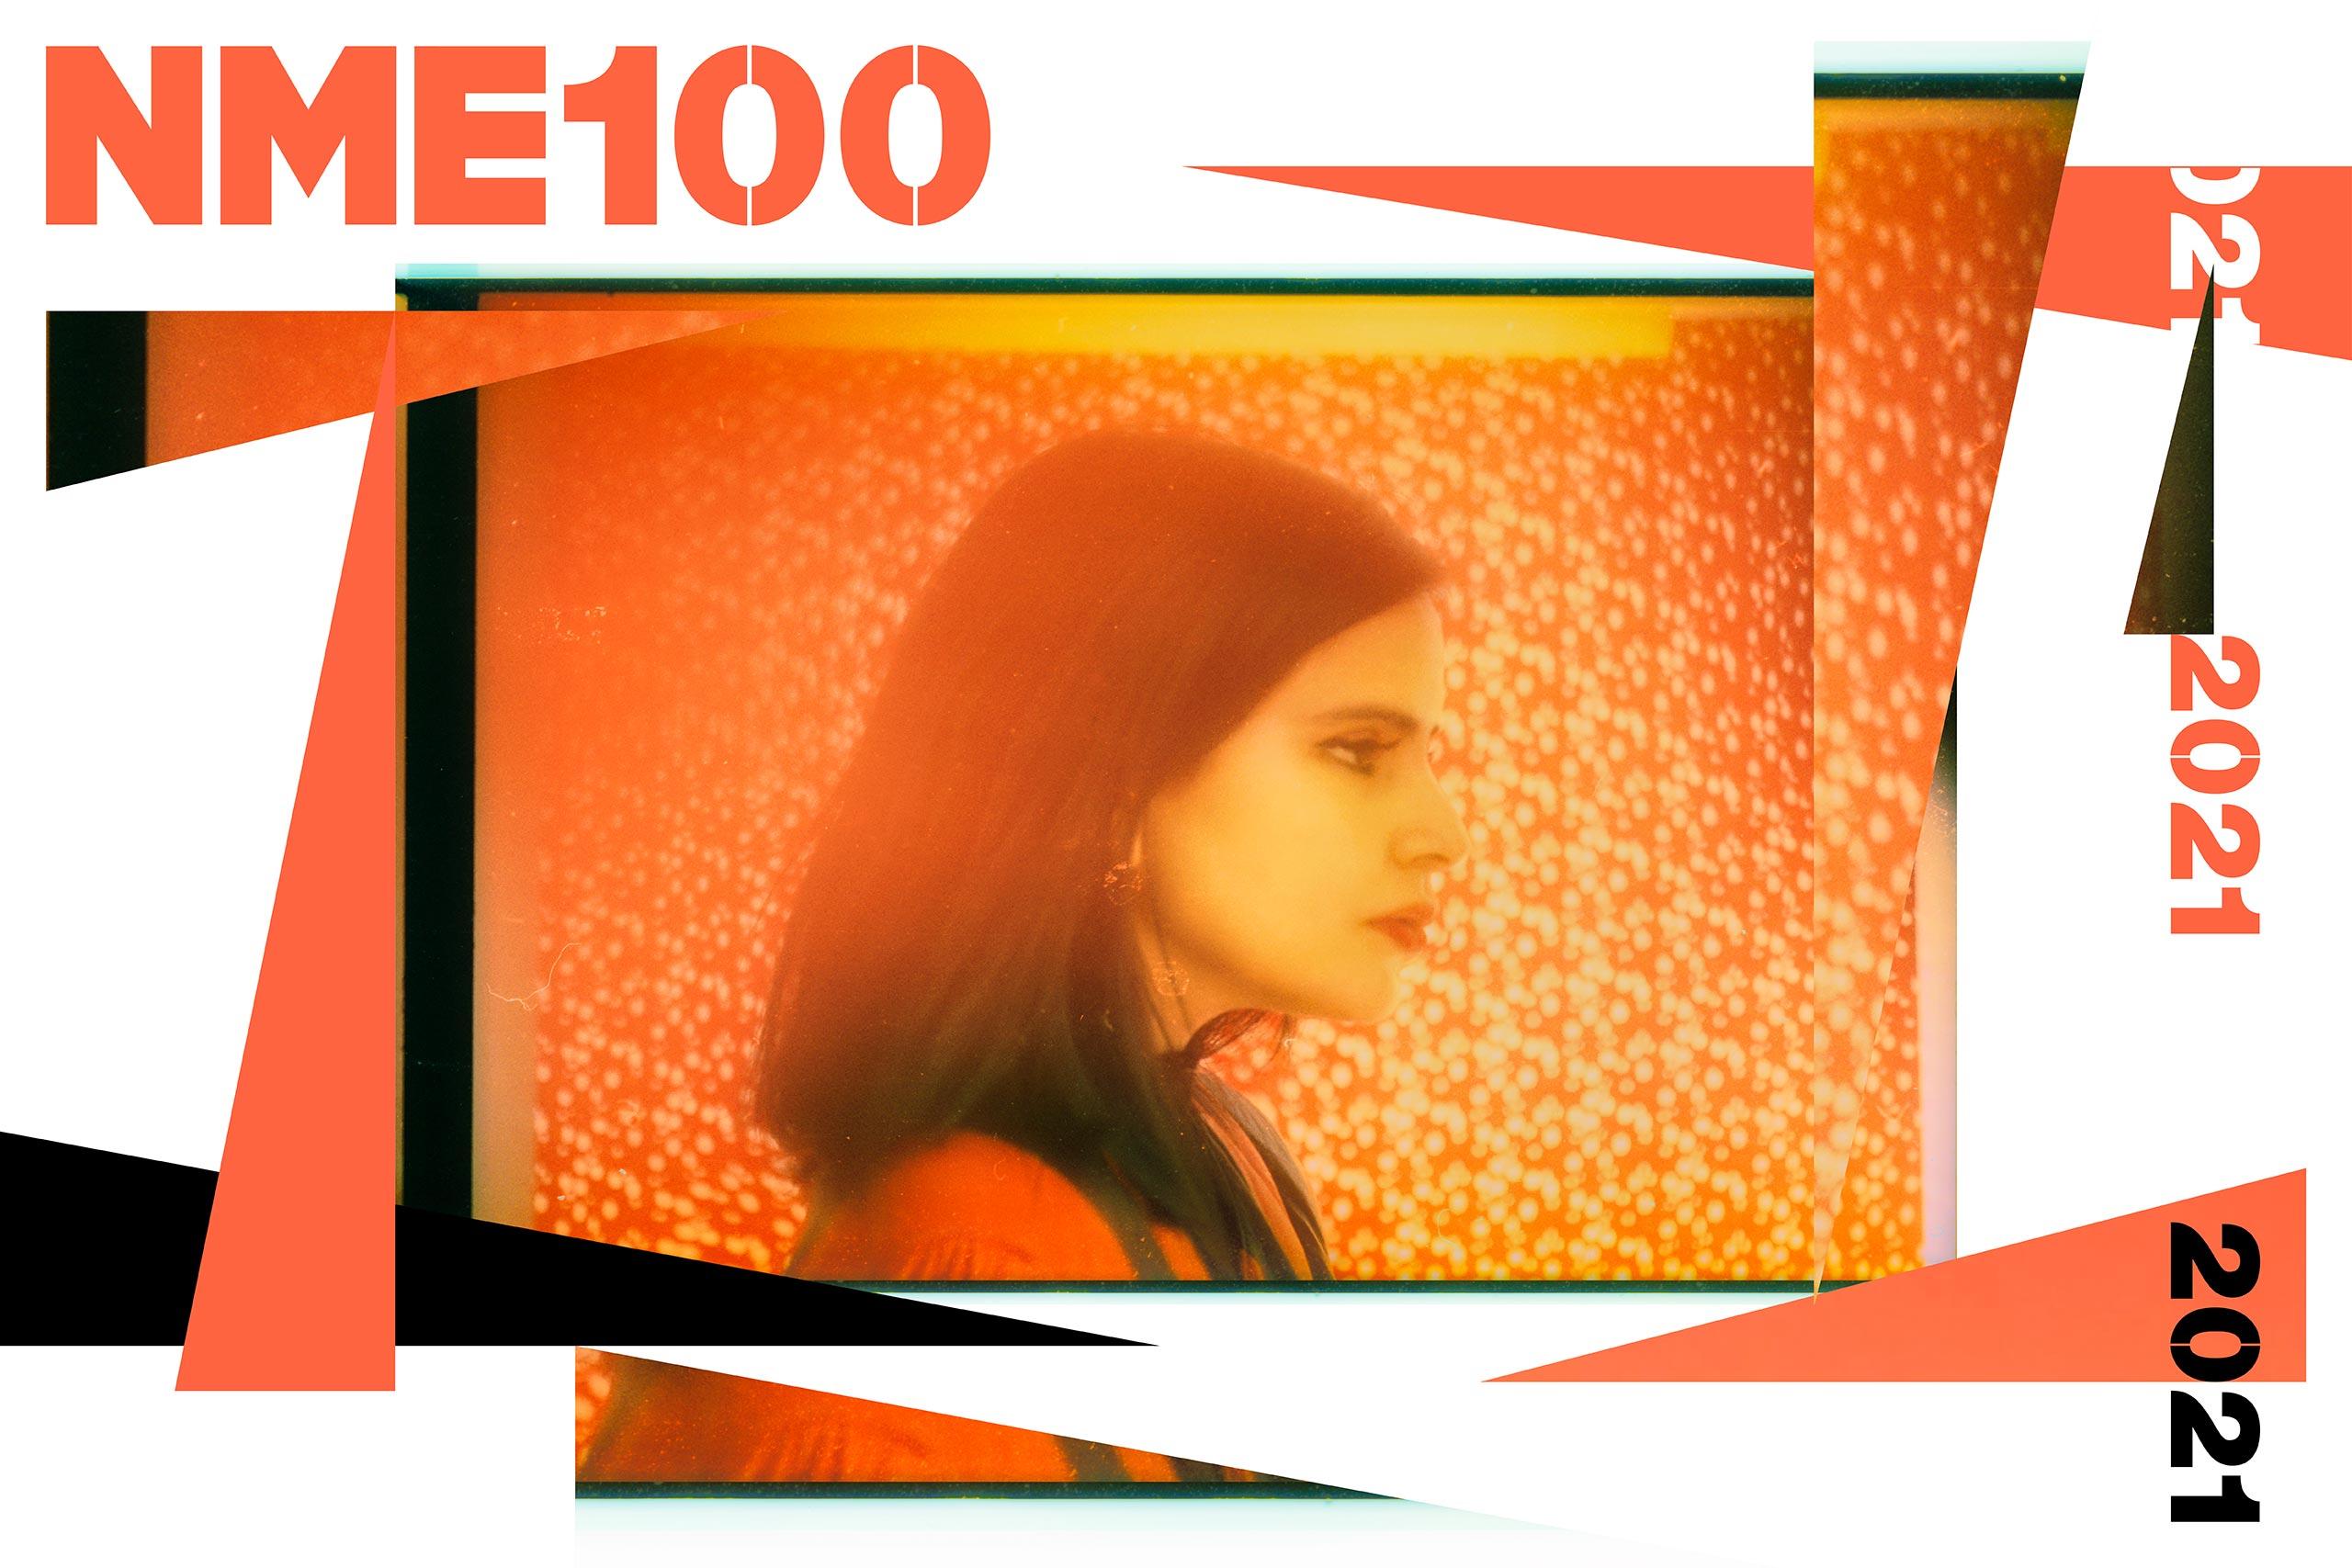 NME 100 sofia kourtesis